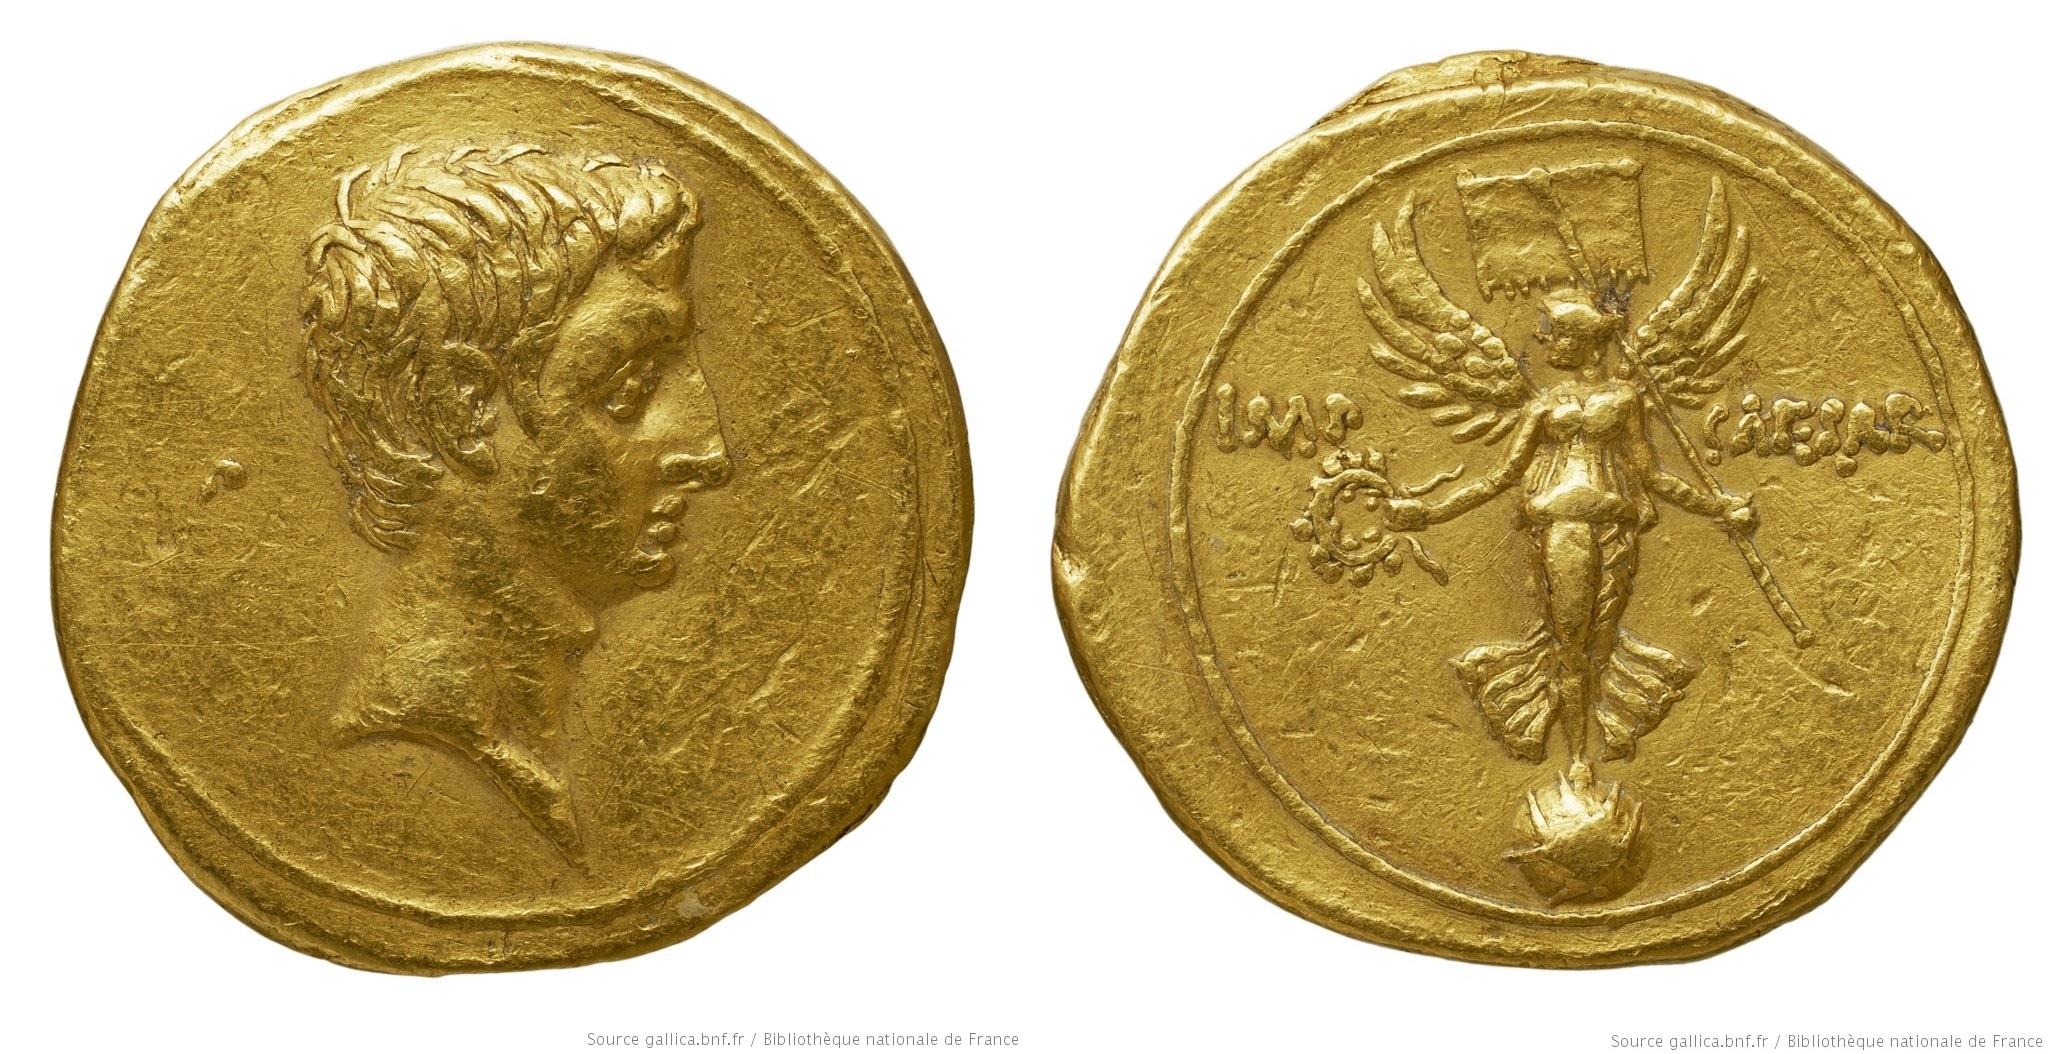 2022AU – Aureus Octave – Caius Julius Cæsar Octavianus